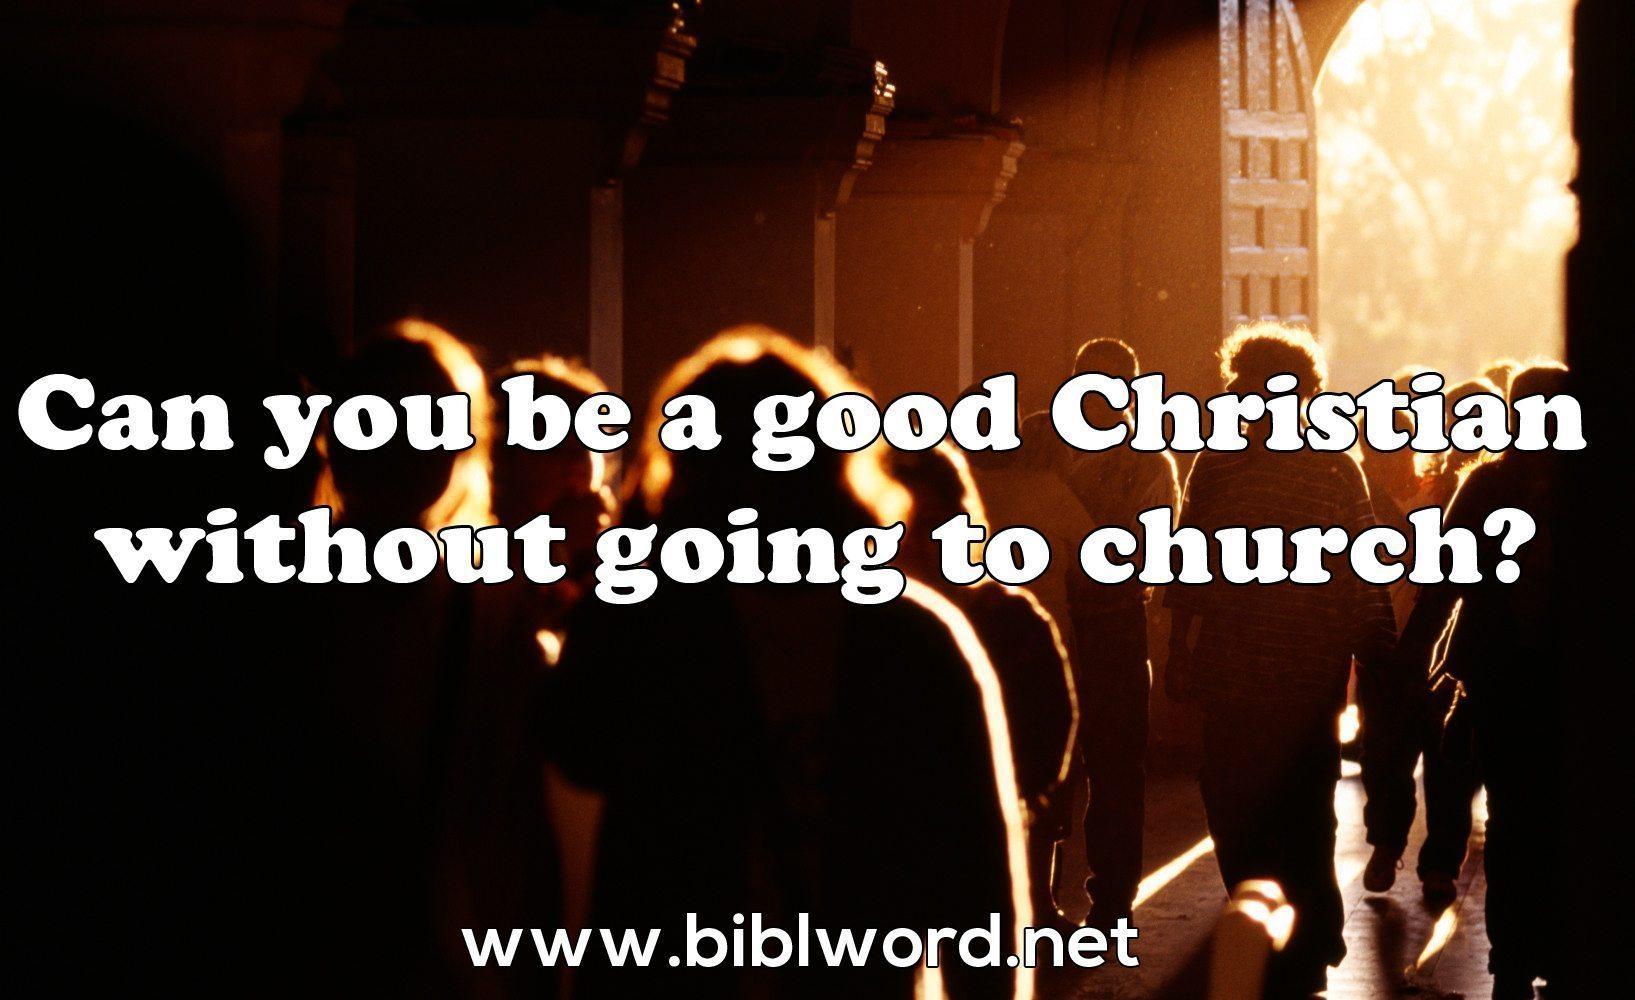 ¿Puedo ser un buen cristiano sin ir a la iglesia?